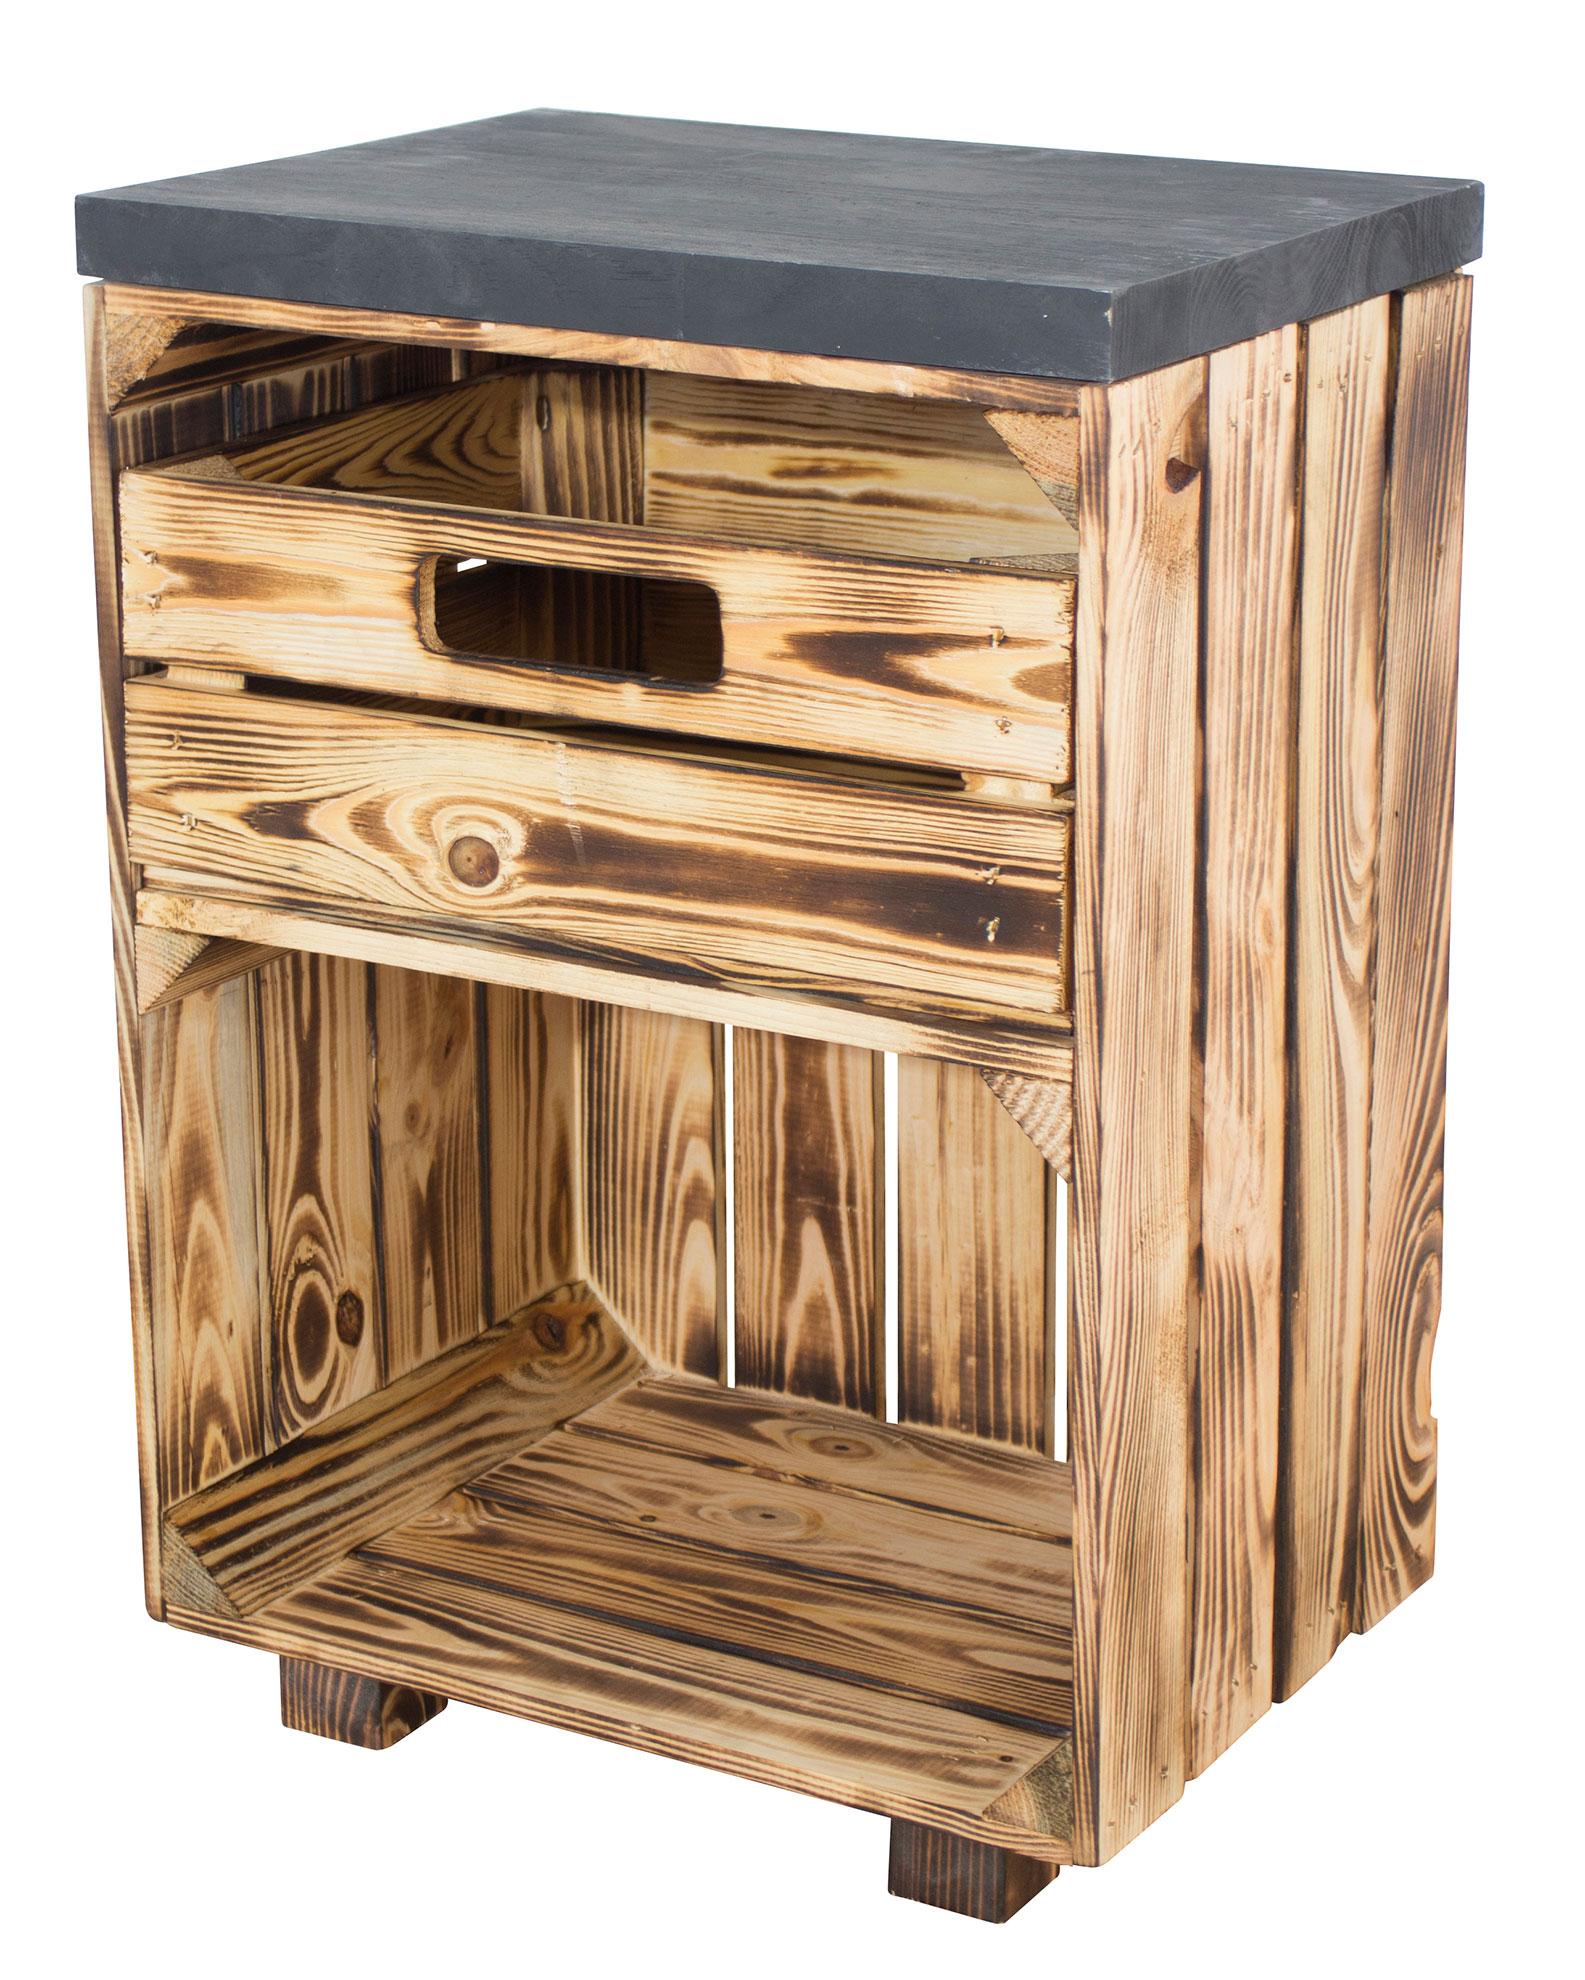 Nachttisch in geflammt mit Schublade und schwarzem Bohlenbrett auf Füßen, 40x57x30